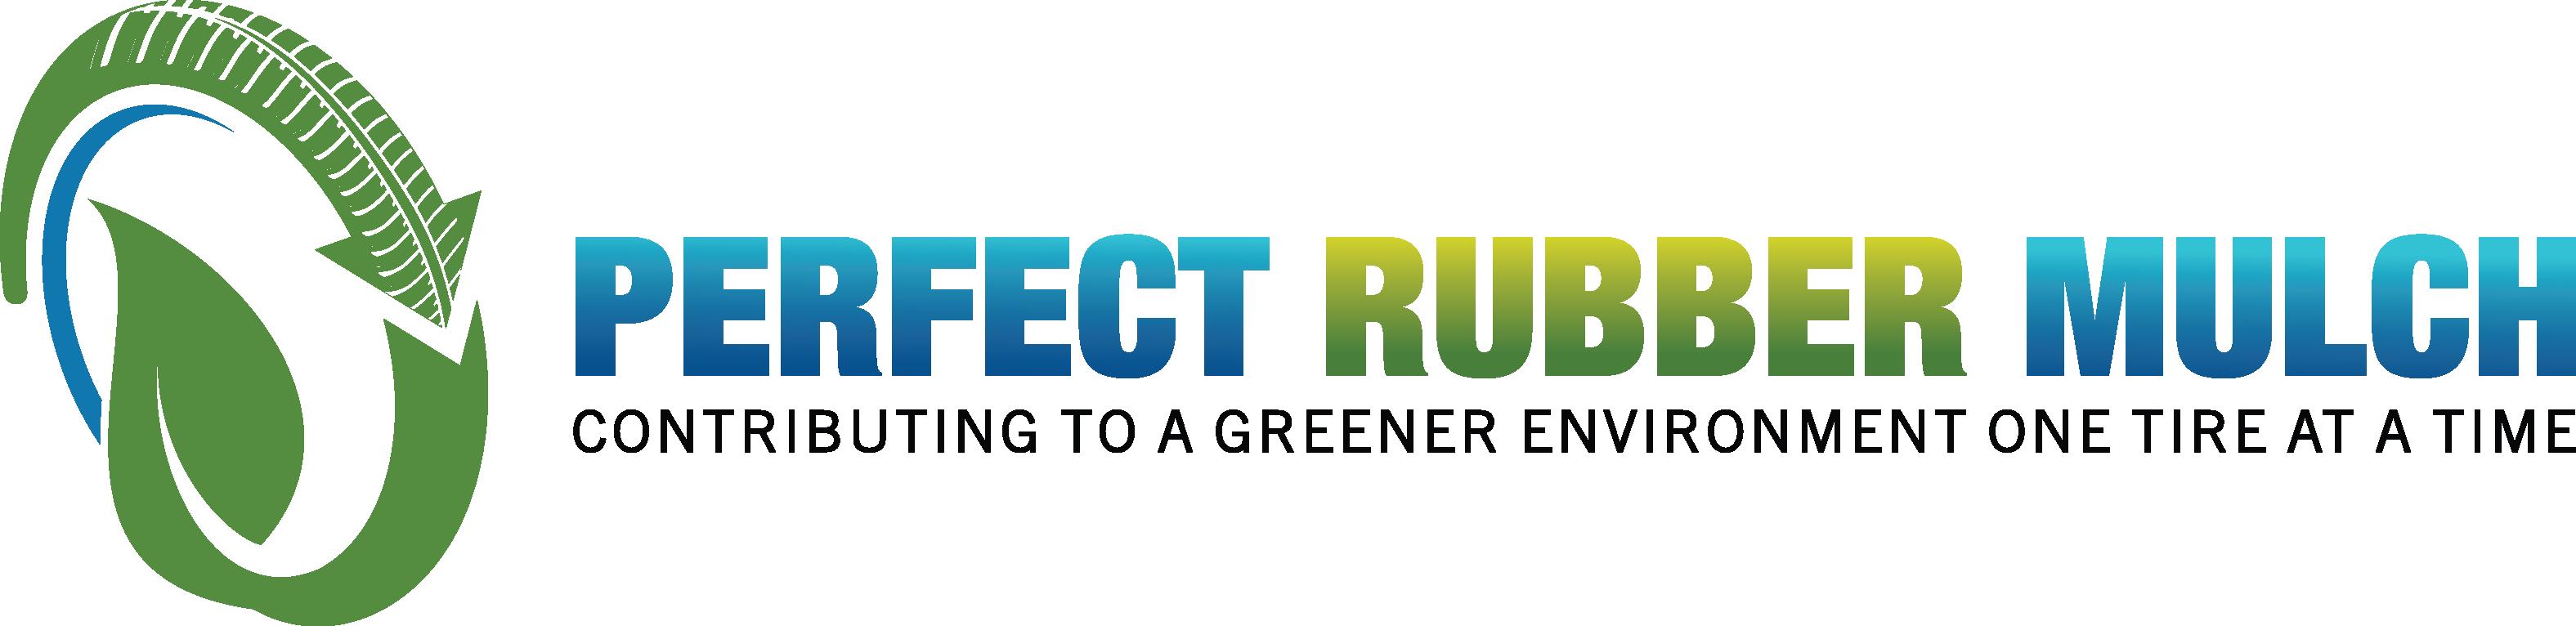 Perfect Rubber Mulch